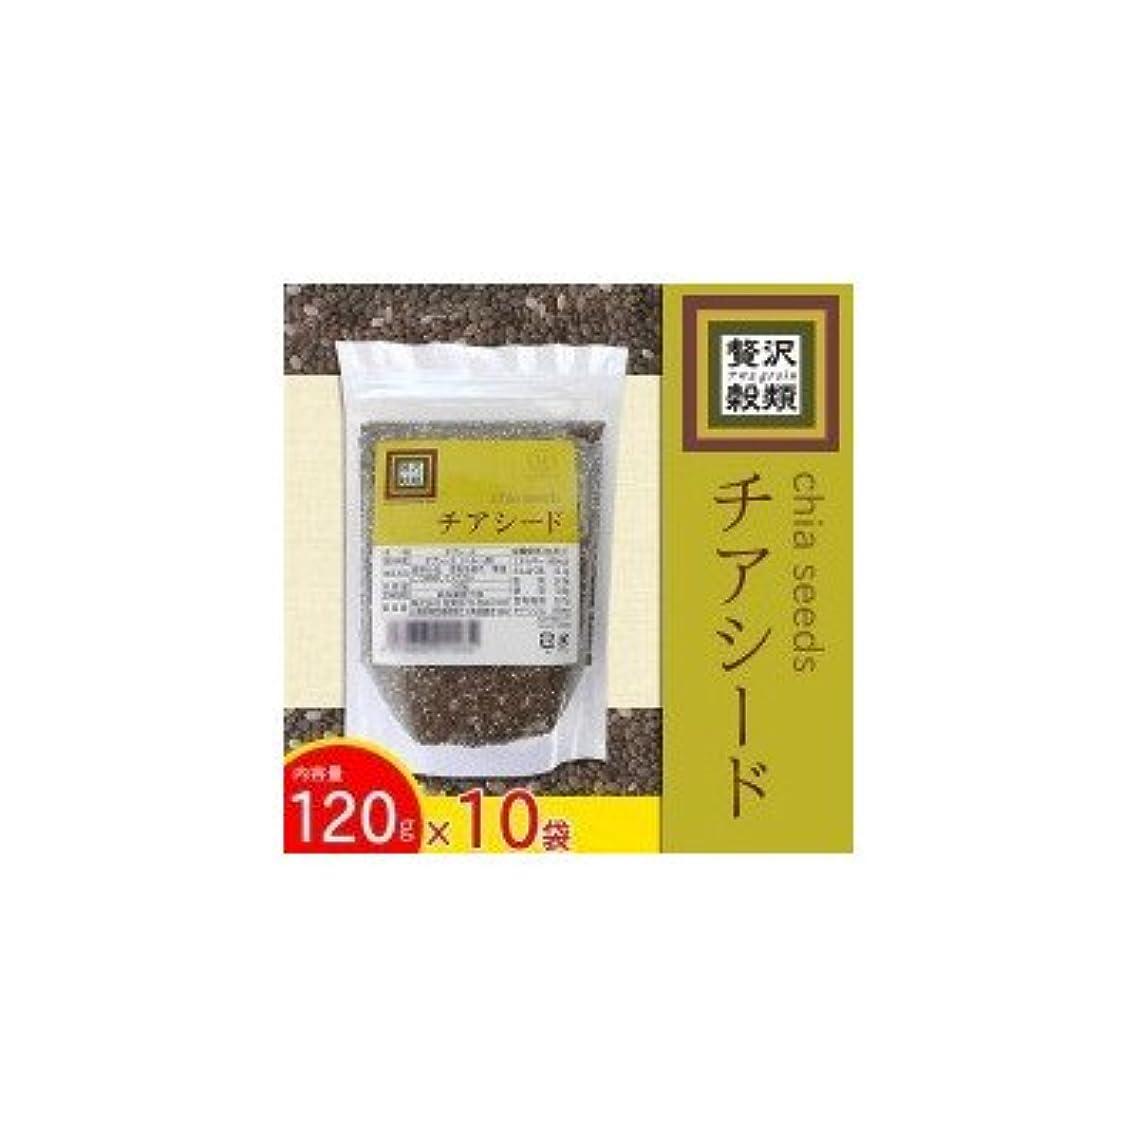 贅沢穀類 チアシード 120g×10袋